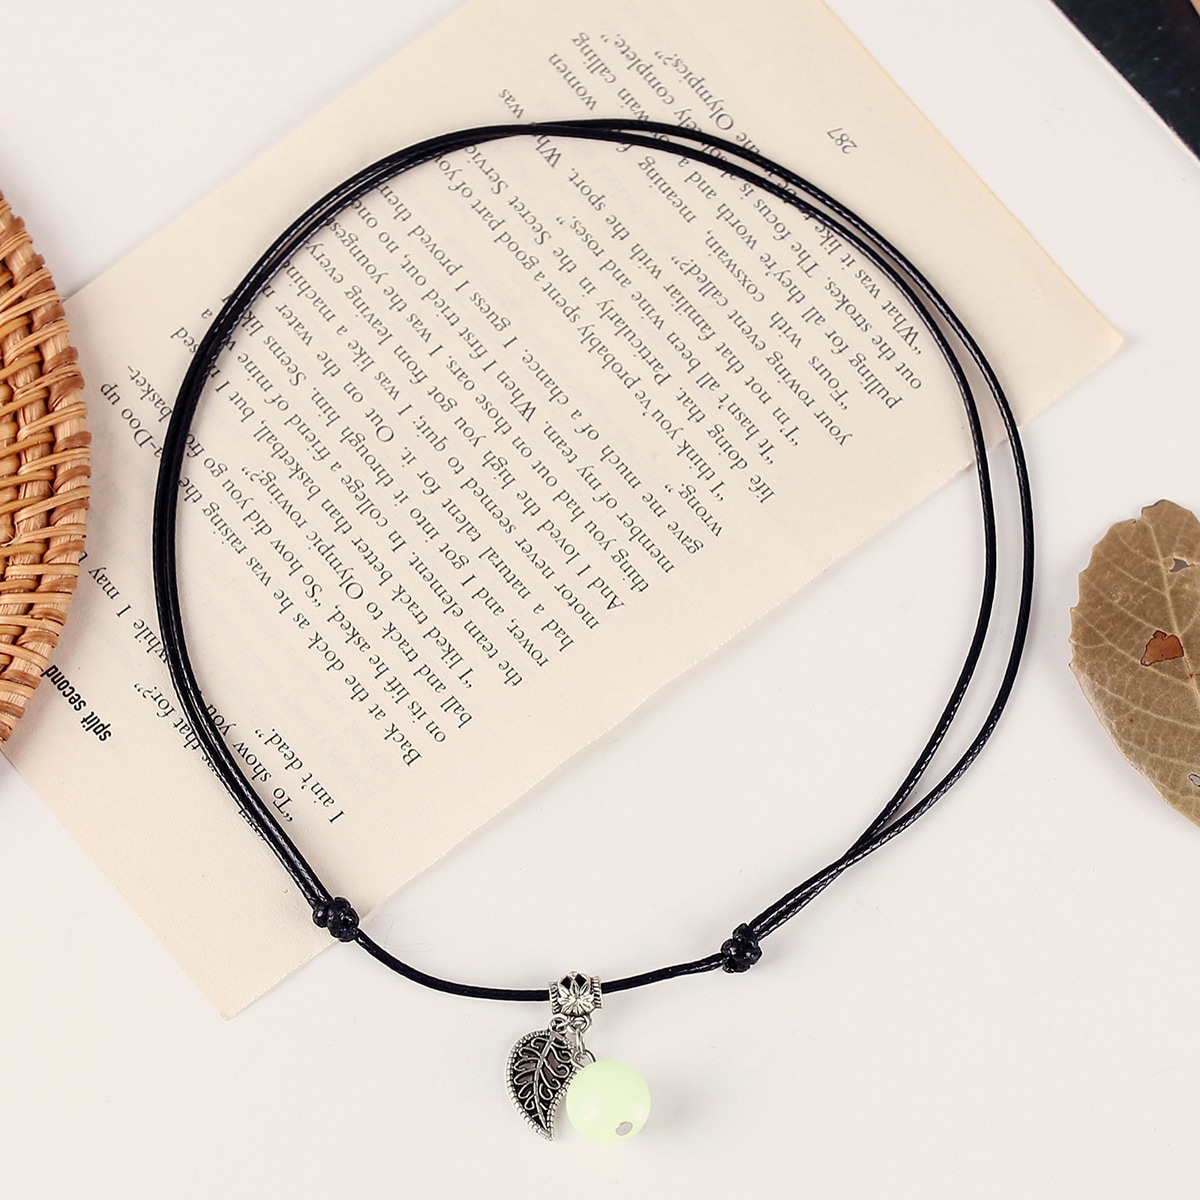 Светящееся ожерелье с декором листьев 1шт